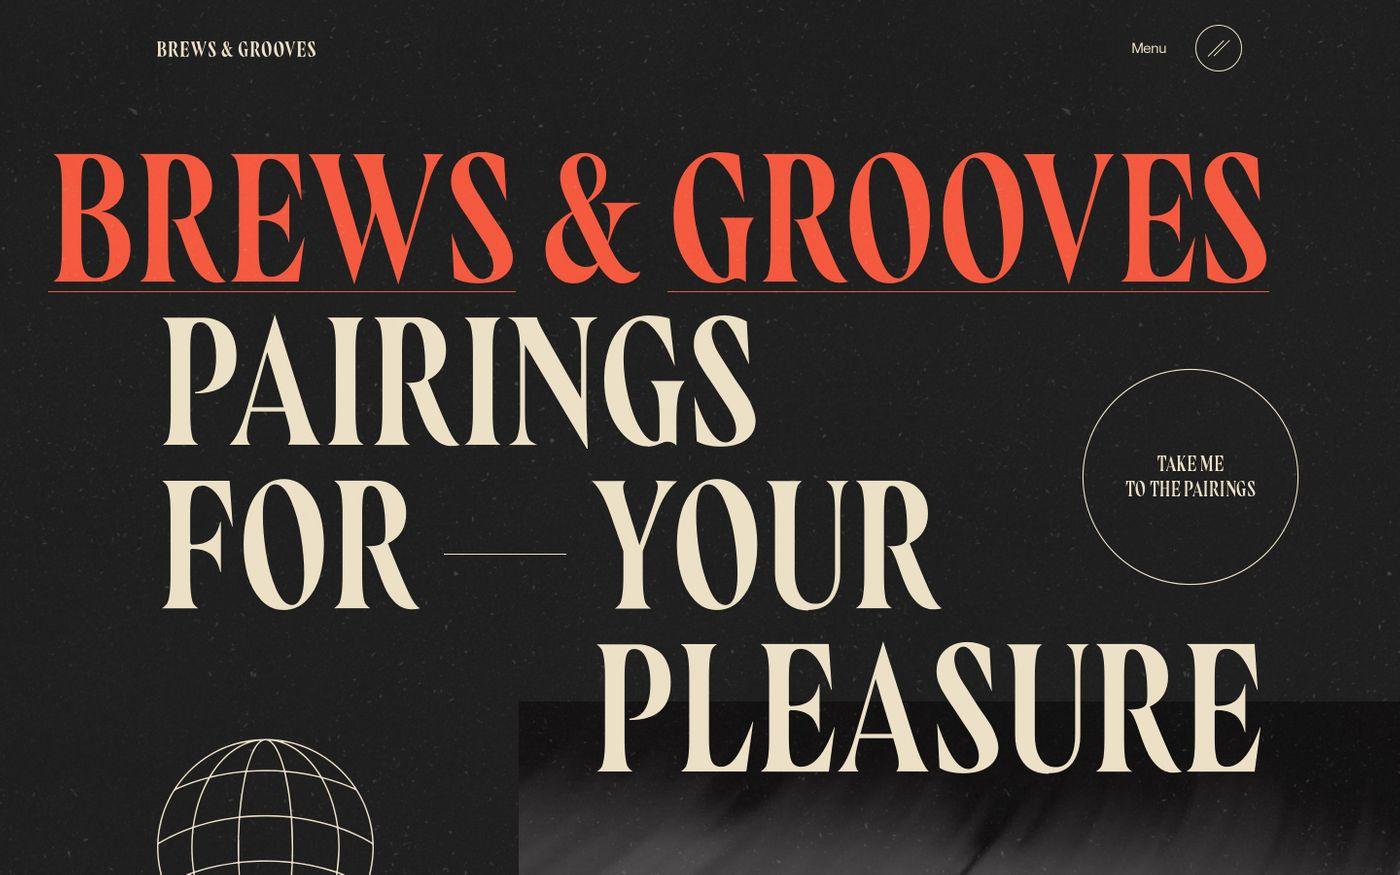 Screenshot of Brews & Grooves website